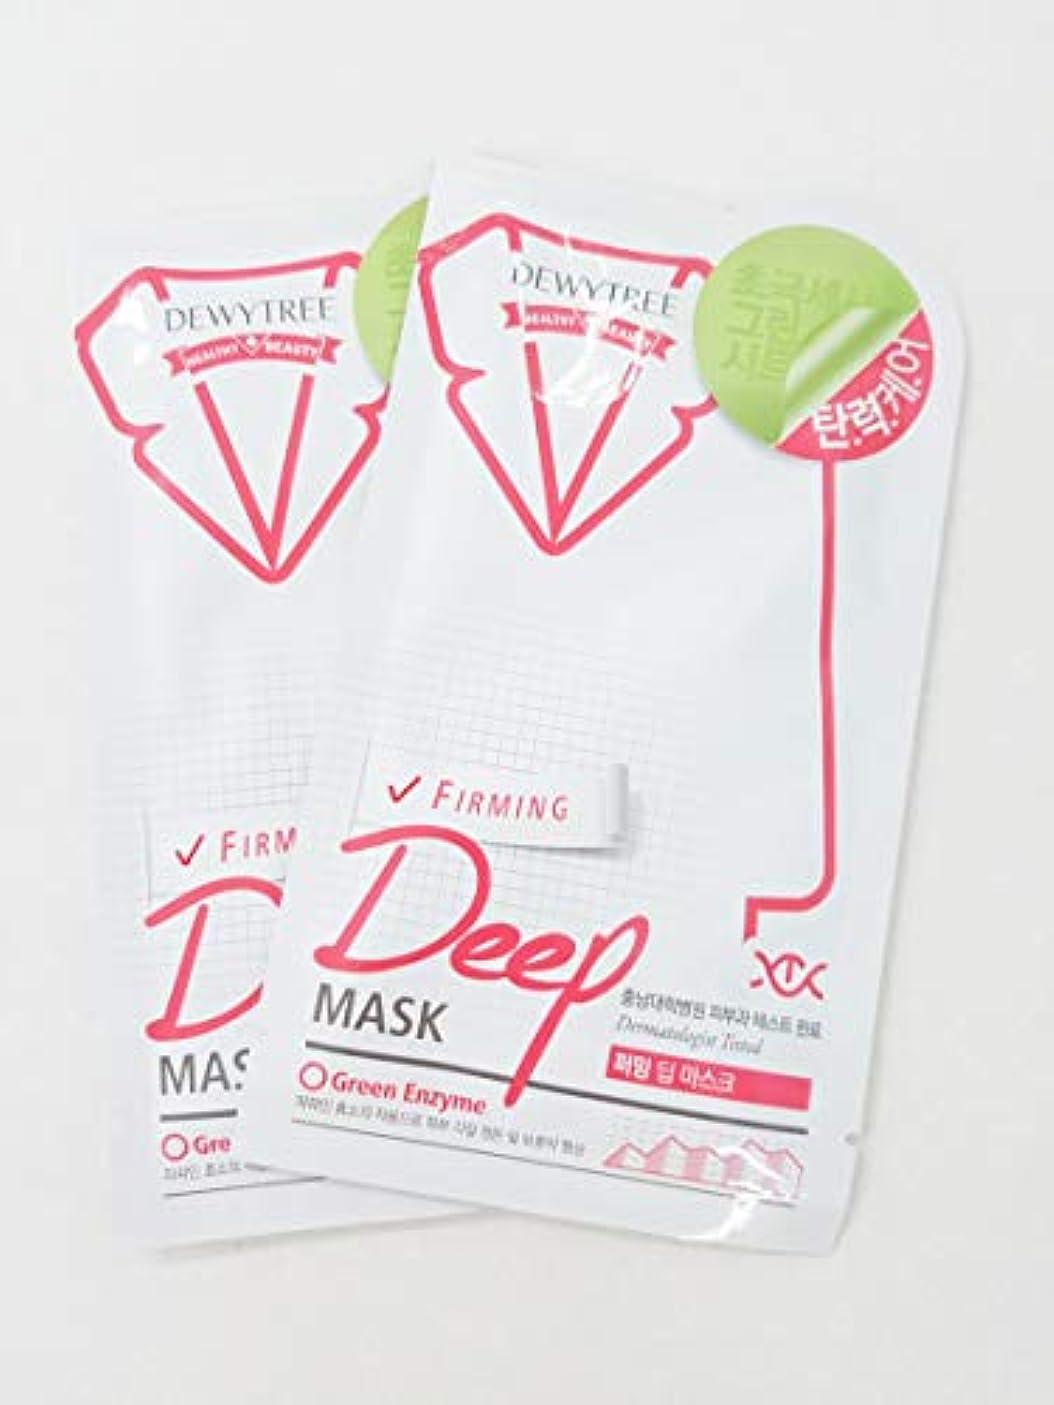 折試験期待して(デューイトゥリー) DEWYTREE ファーミングディープマスク 20枚 Firming Deep Mask 韓国マスクパック (並行輸入品)